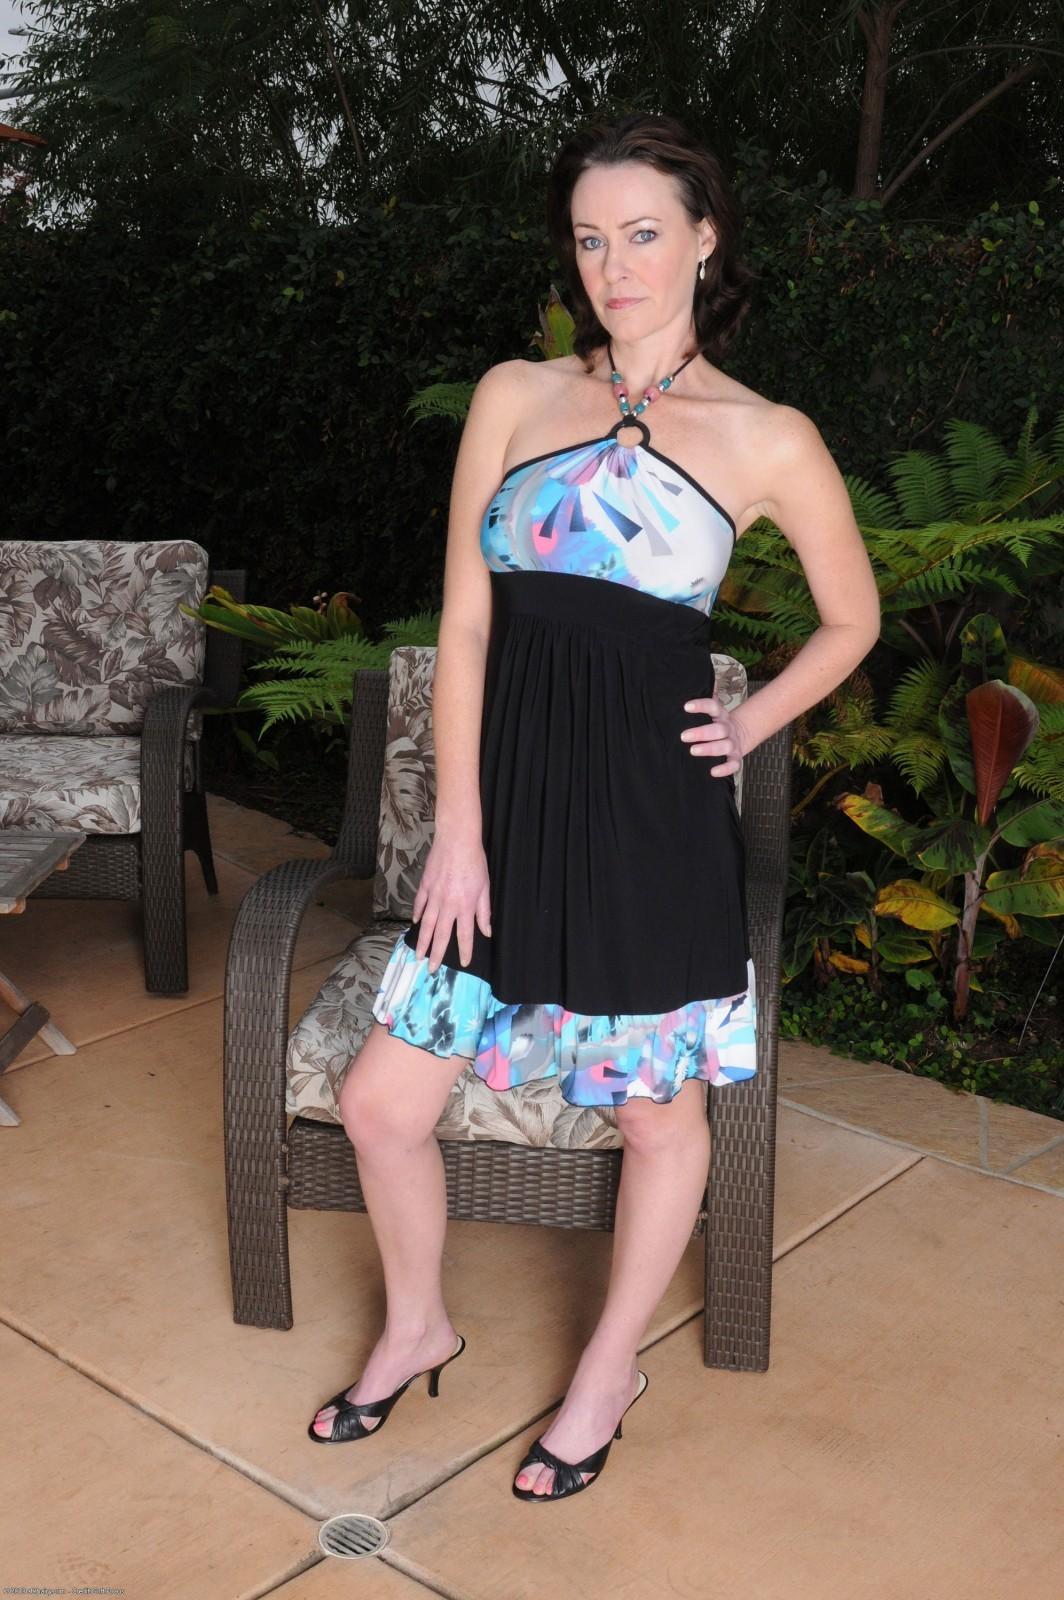 Veronica Snow Feet (16 photos) - celebrity-feet.com